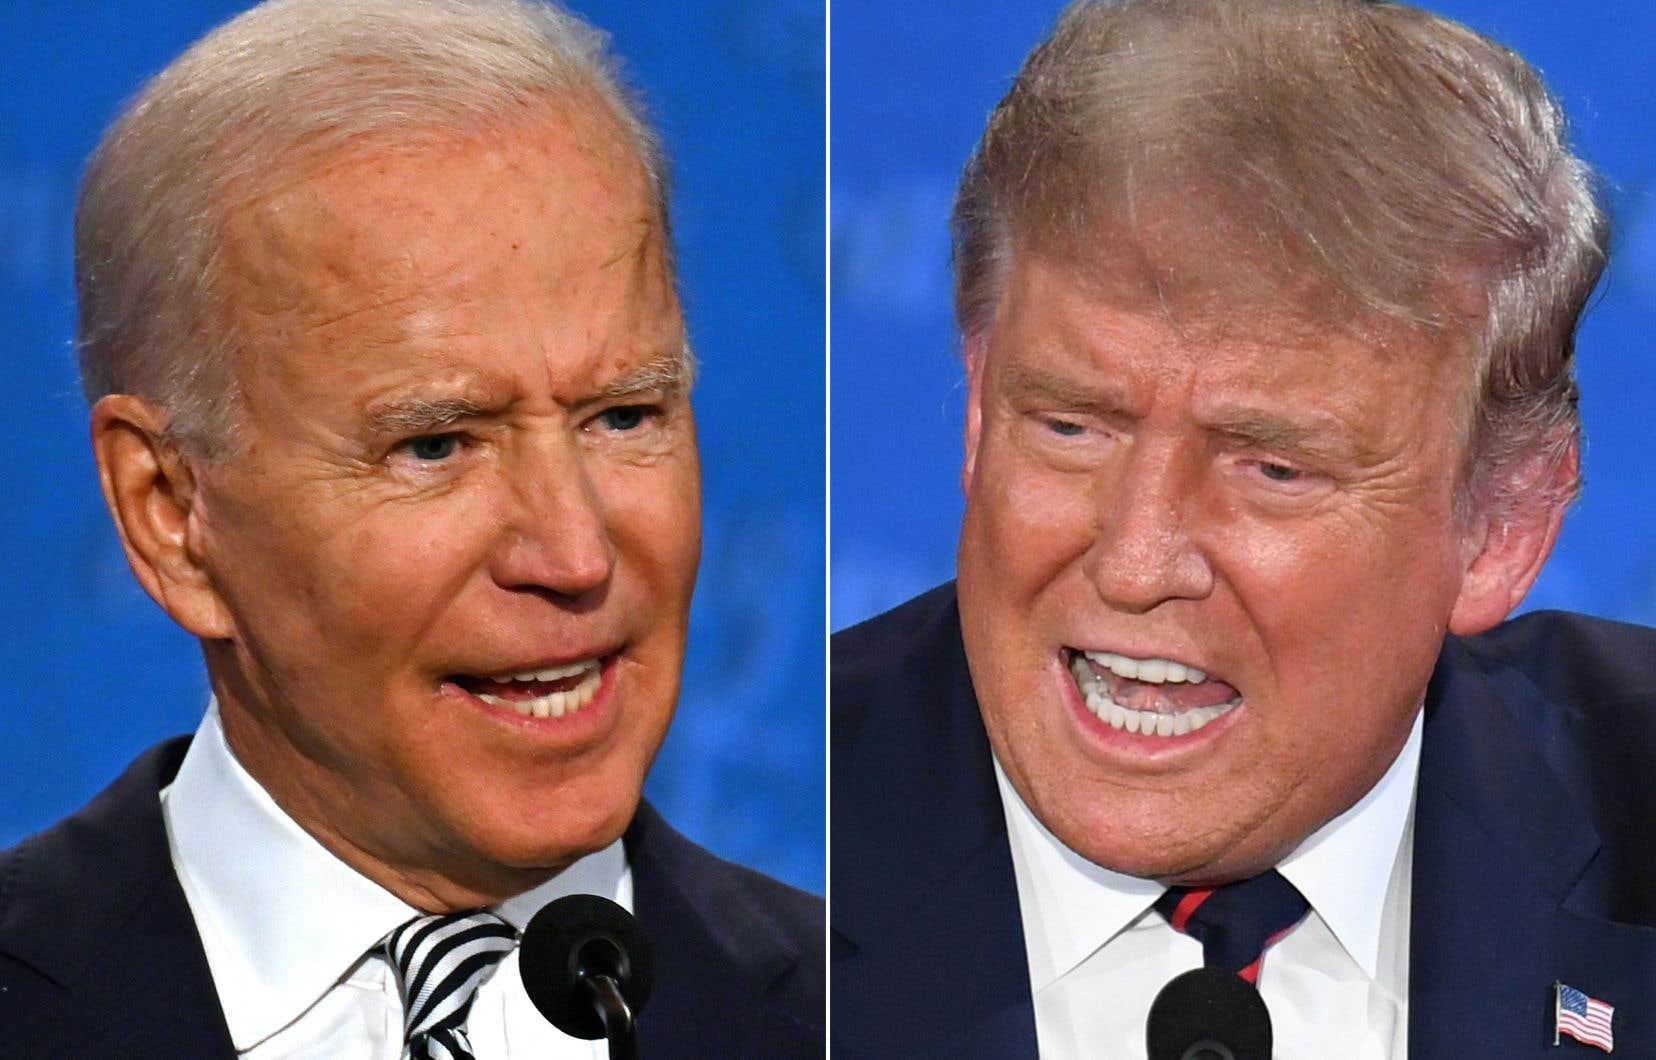 Donald Trump vante un «travail fantastique» de son équipe dans la gestion de l'épidémie de COVID-19, alors que son opposant démocrate, Joe Biden, juge qu'il n'a rien fait.